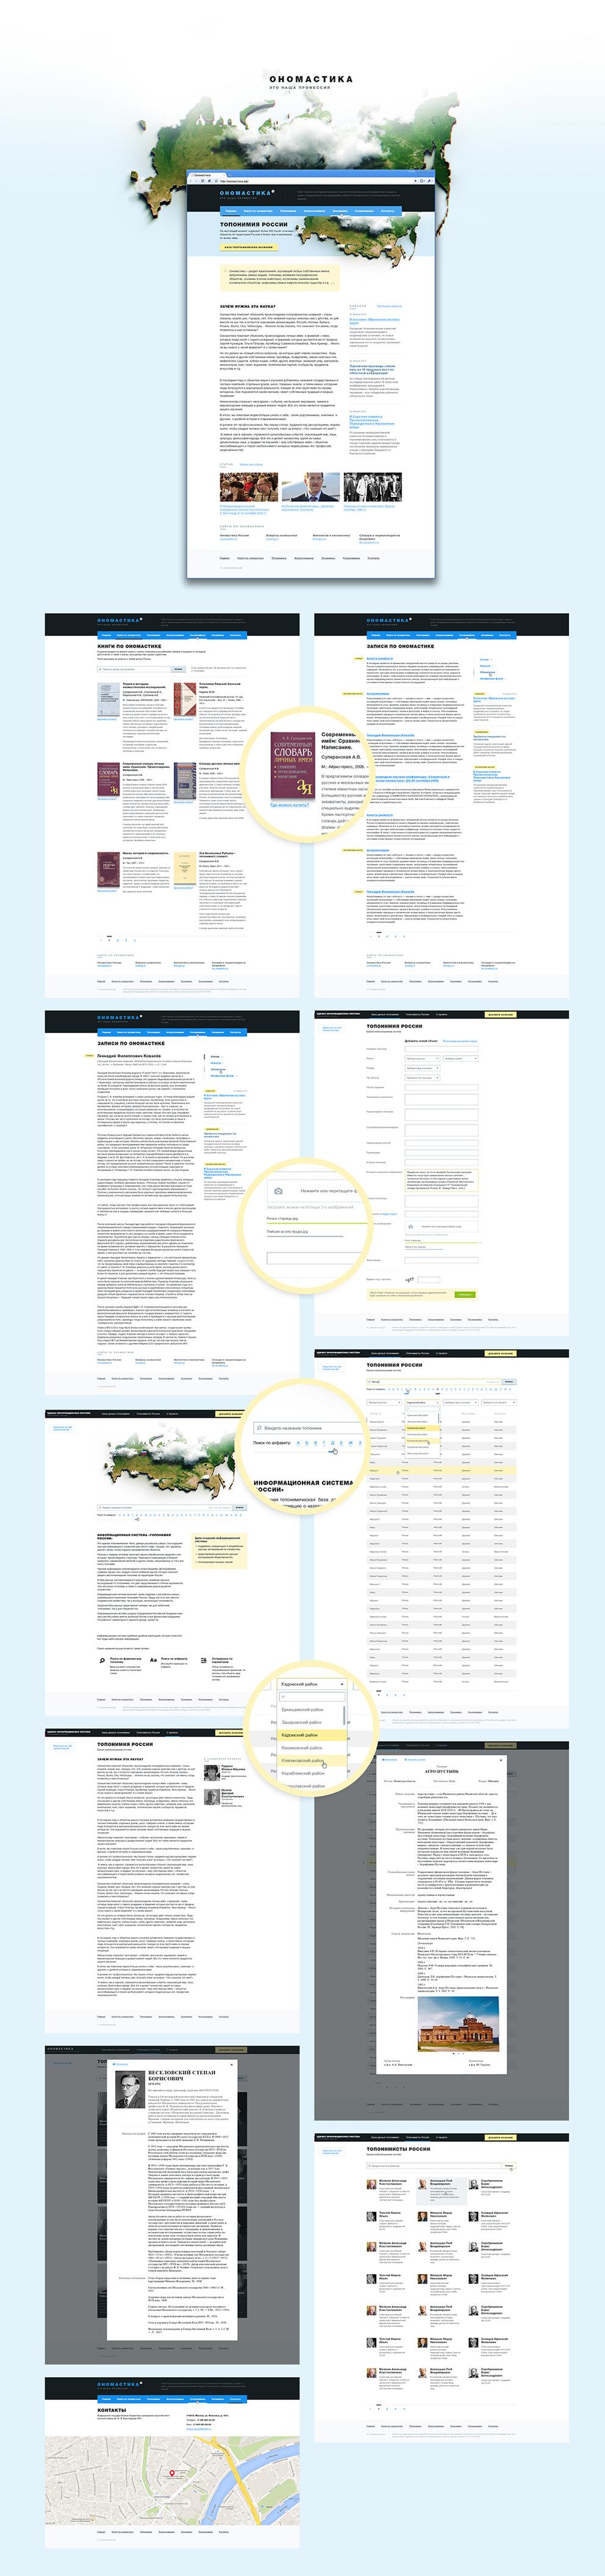 Ономастика — научный сайт про имена собственные / Проект компании Creator